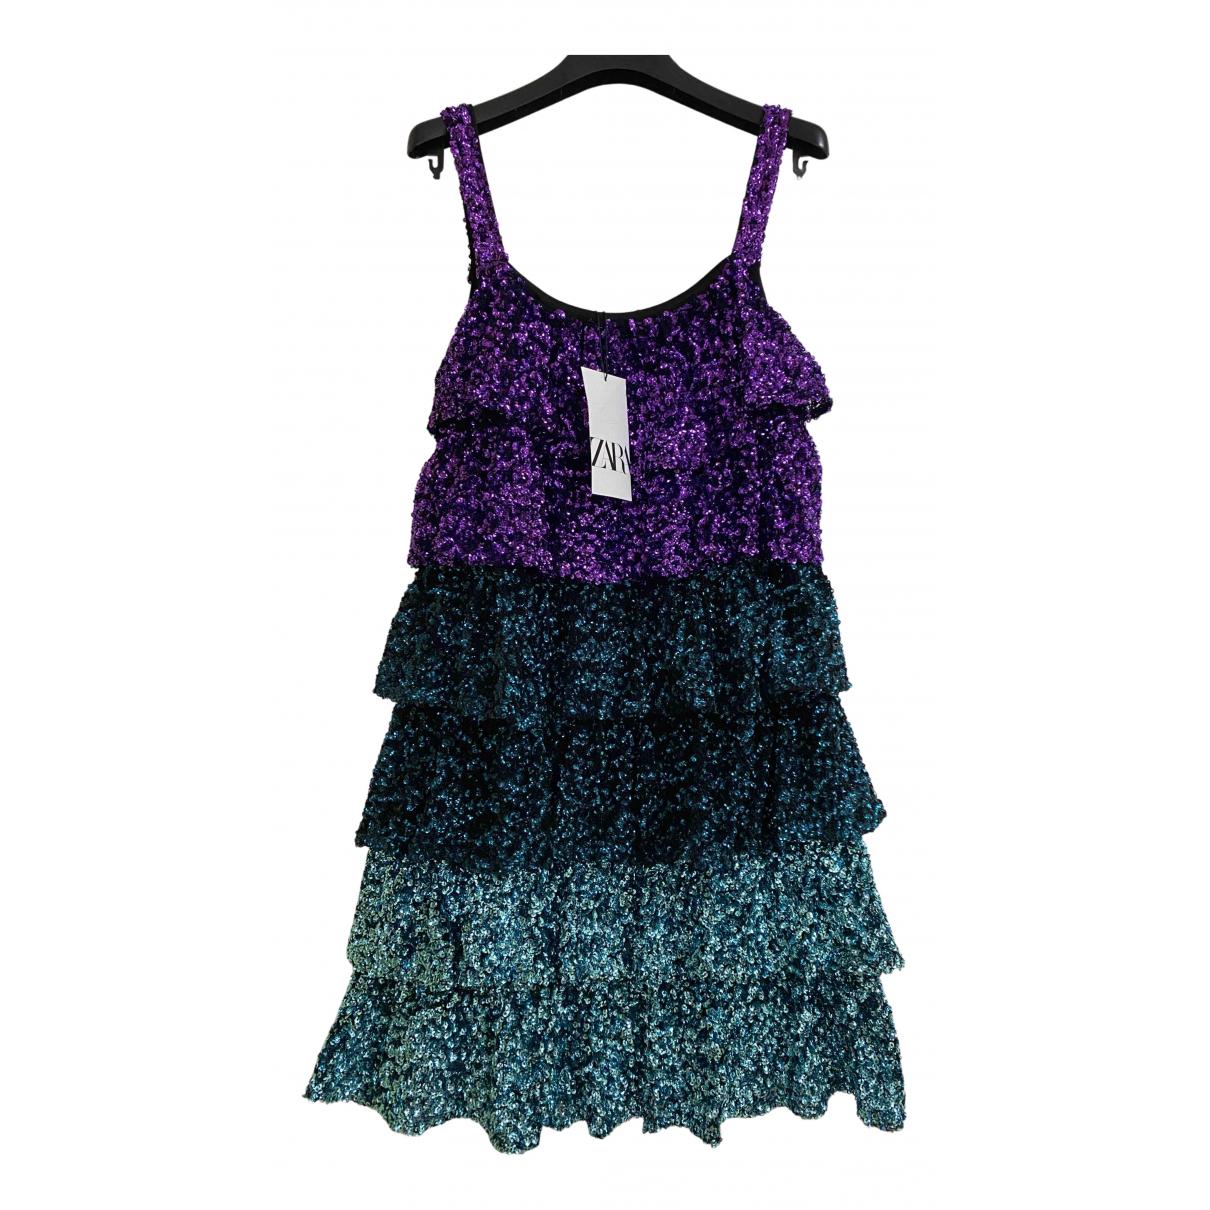 Zara - Robe   pour femme en a paillettes - turquoise